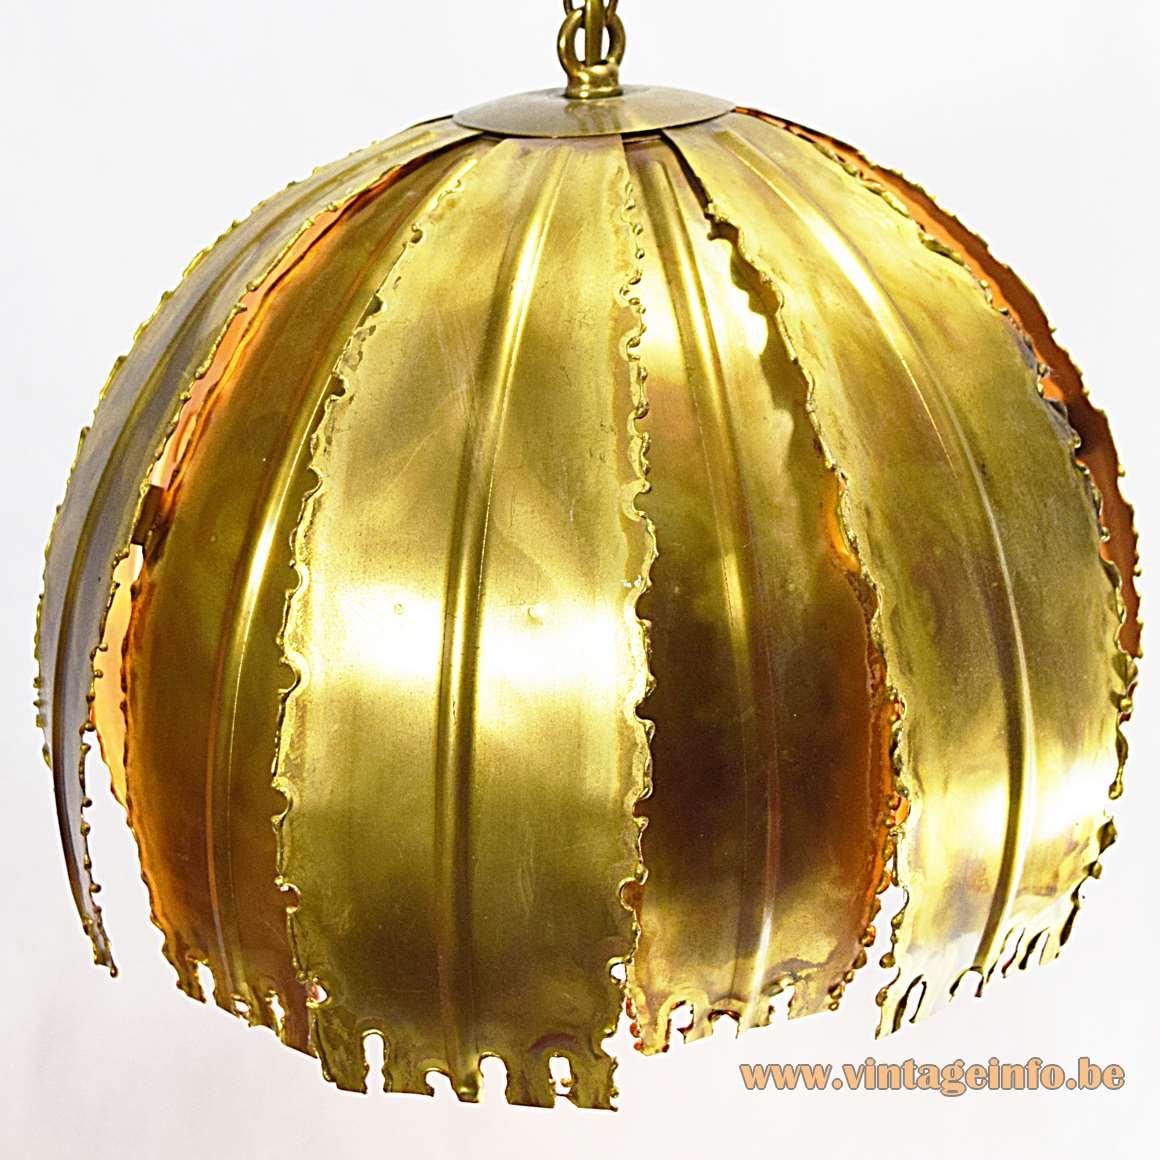 Svend Aage - Holm Sørensen & Co Pendant Lamp 6404 burned brass brutalist 1960s 1970s MCM